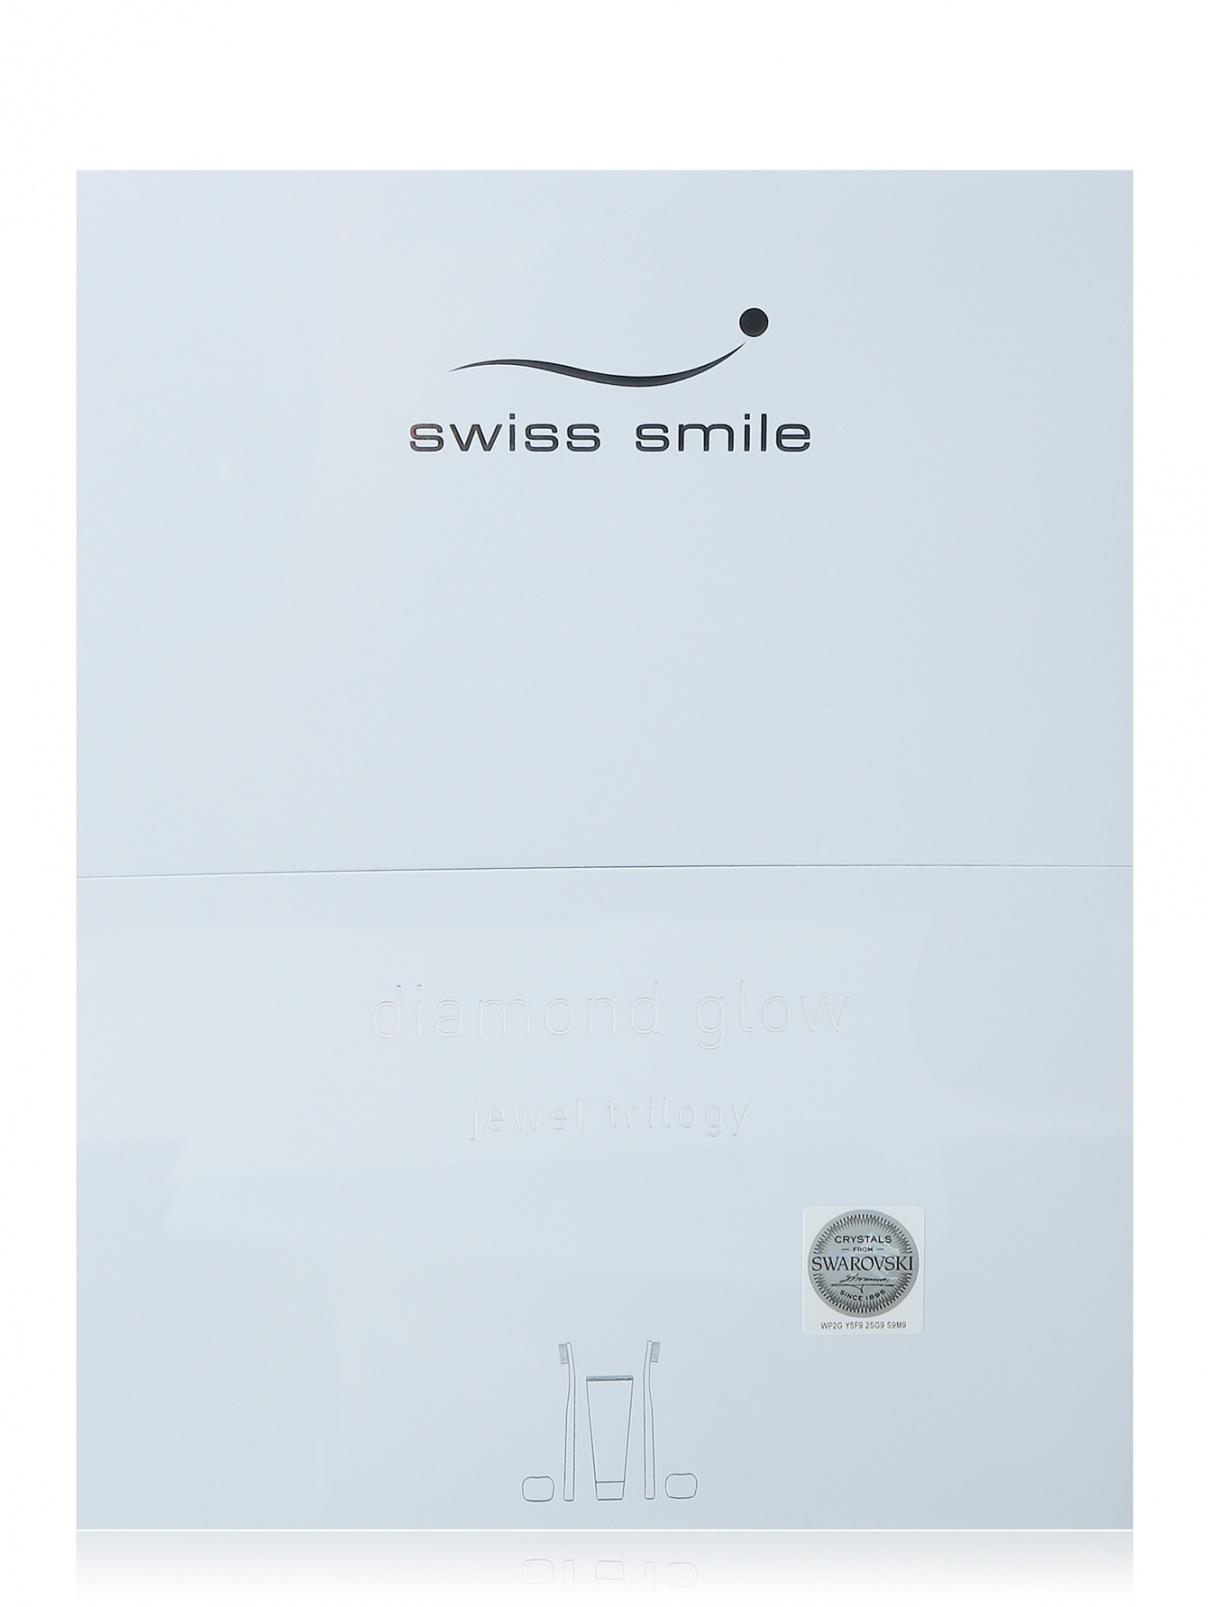 Набор для ухода за зубами Diamond Glow Trilogy Swiss smile  –  Общий вид